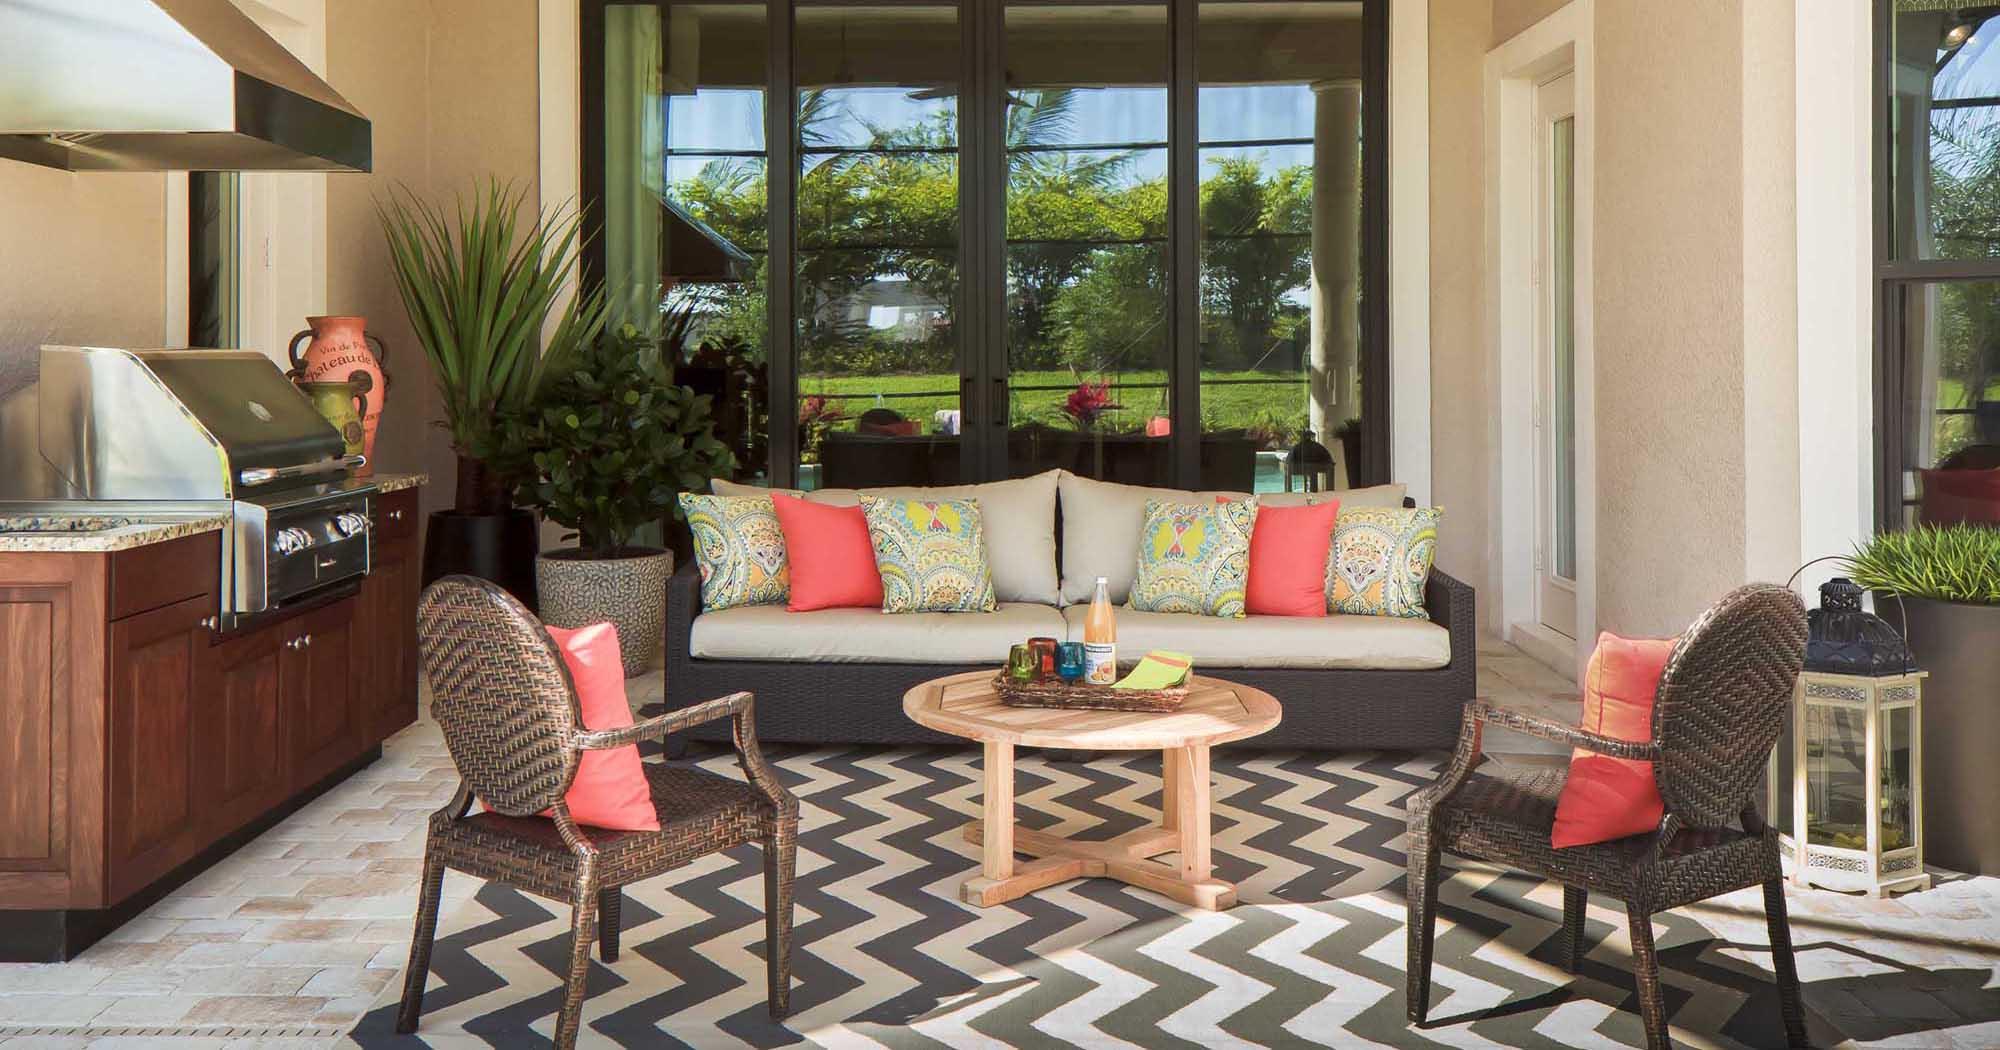 lanai outdoor living Beasley and Henley interior design naples.jpg